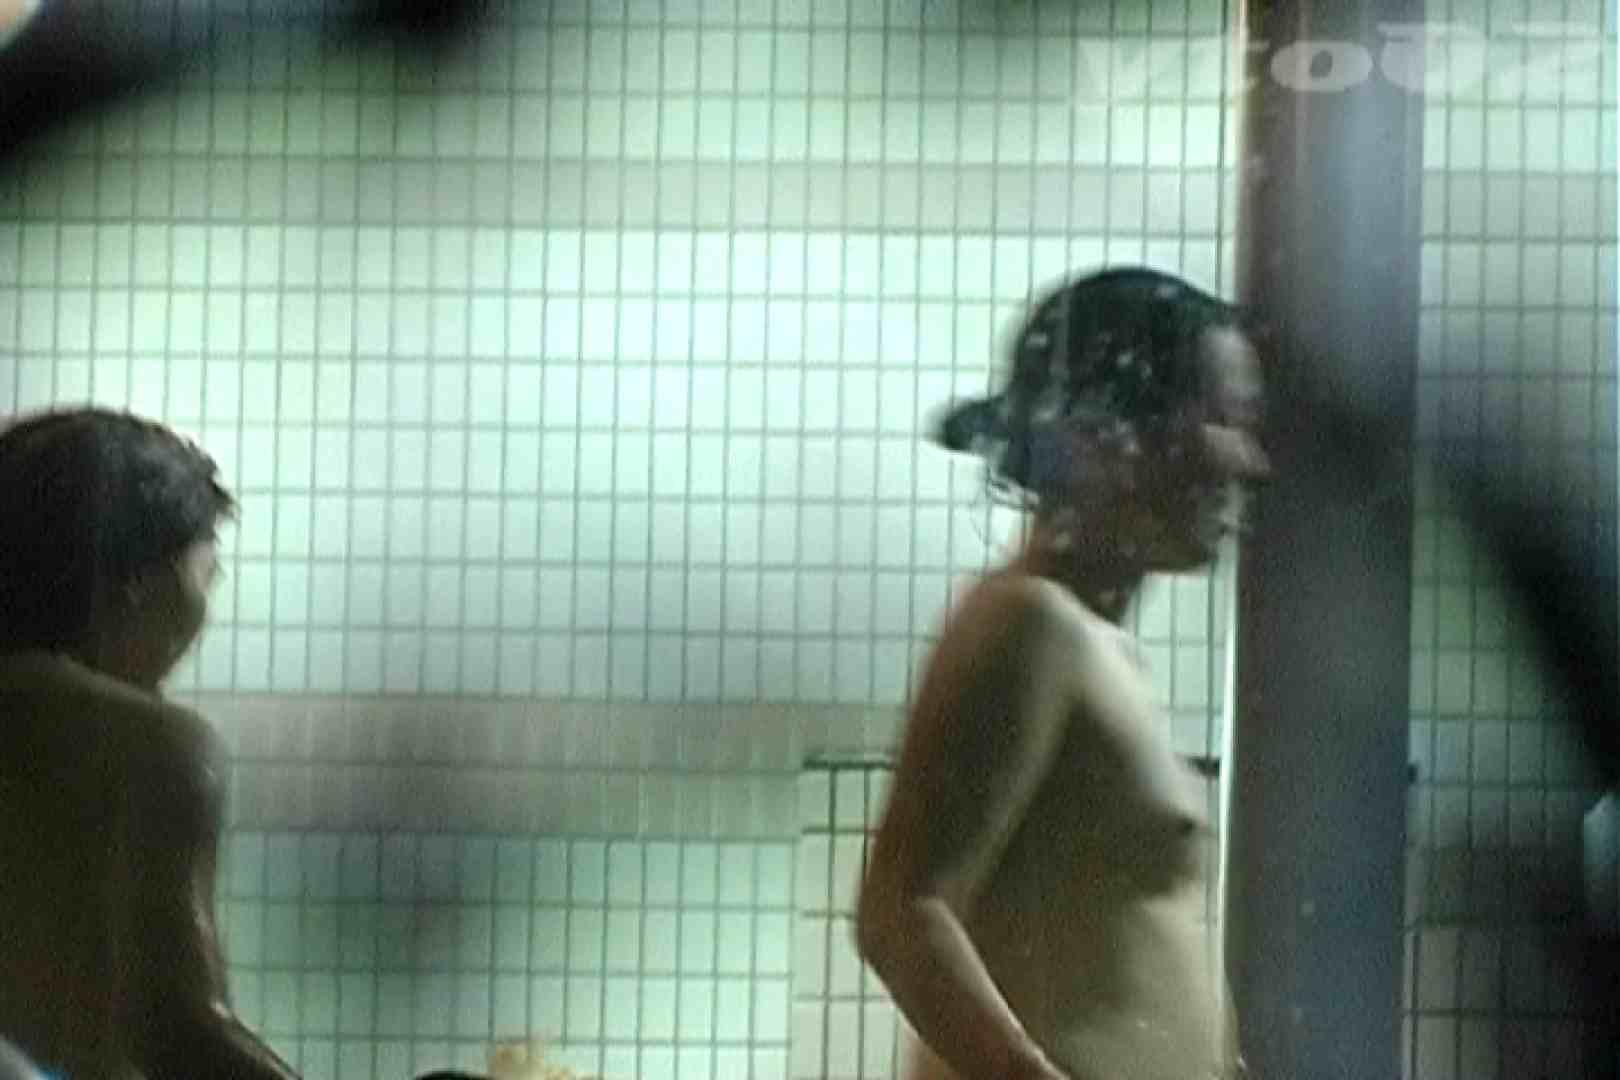 ▲復活限定▲合宿ホテル女風呂盗撮 Vol.13 盗撮 | 盗撮名作  64PIX